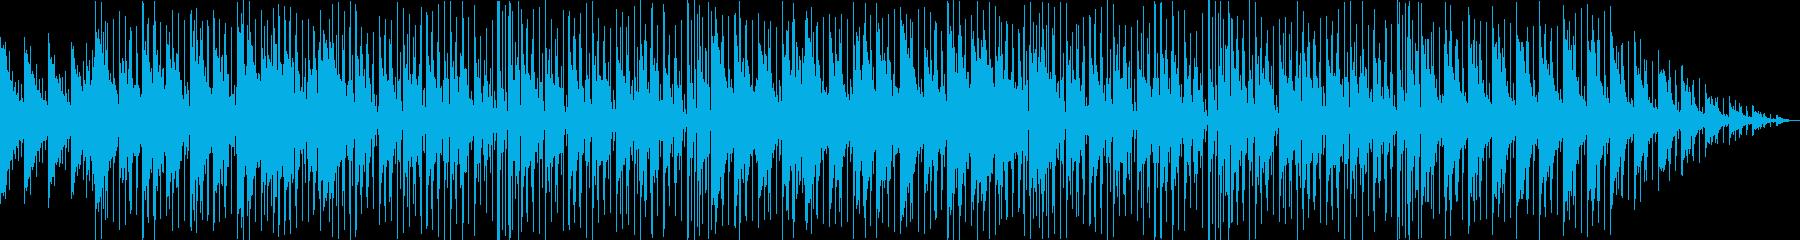 明るいシンセ・ギターなどポップサウンドの再生済みの波形